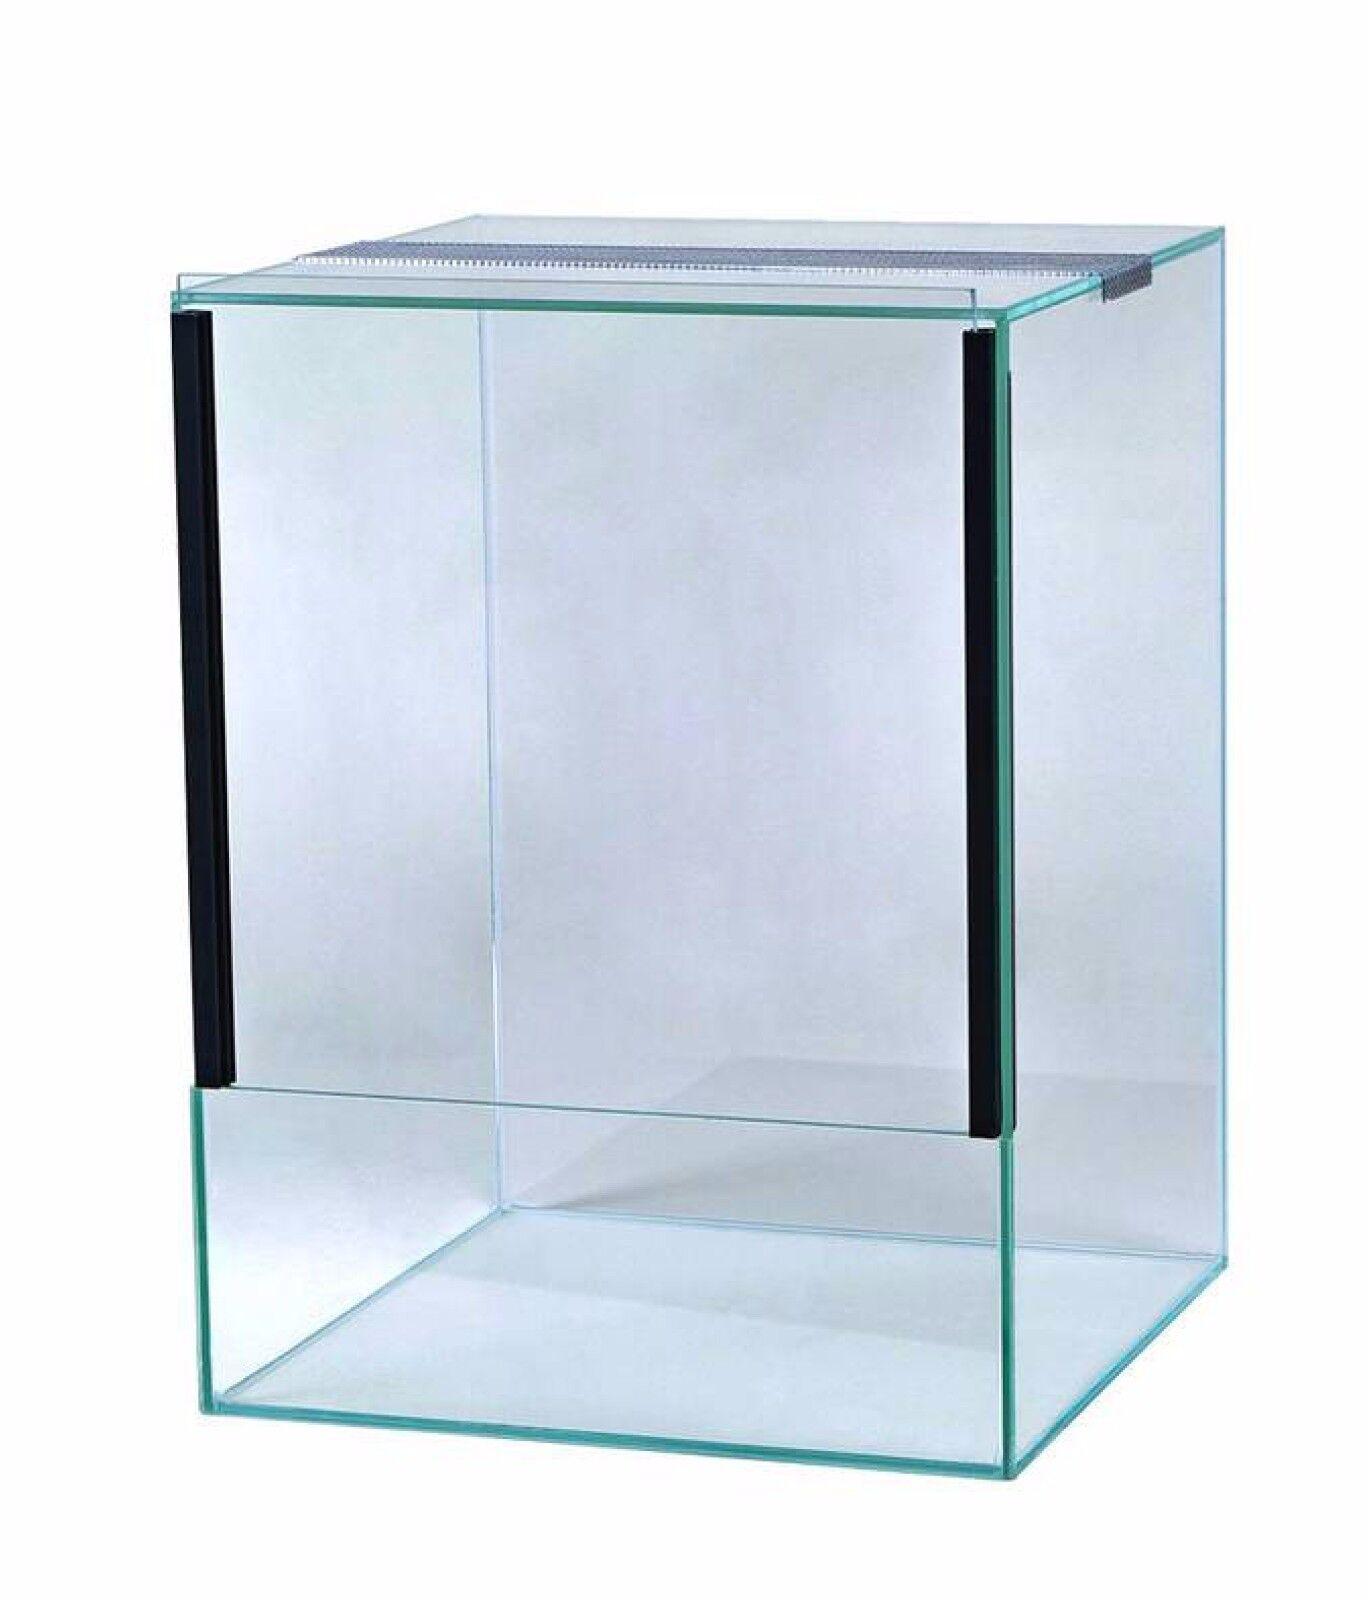 Glas Terrarium Schiebetür Falltür Glasterrarium Reptilien Spinnen viele Größen 30x30x40 Falltür